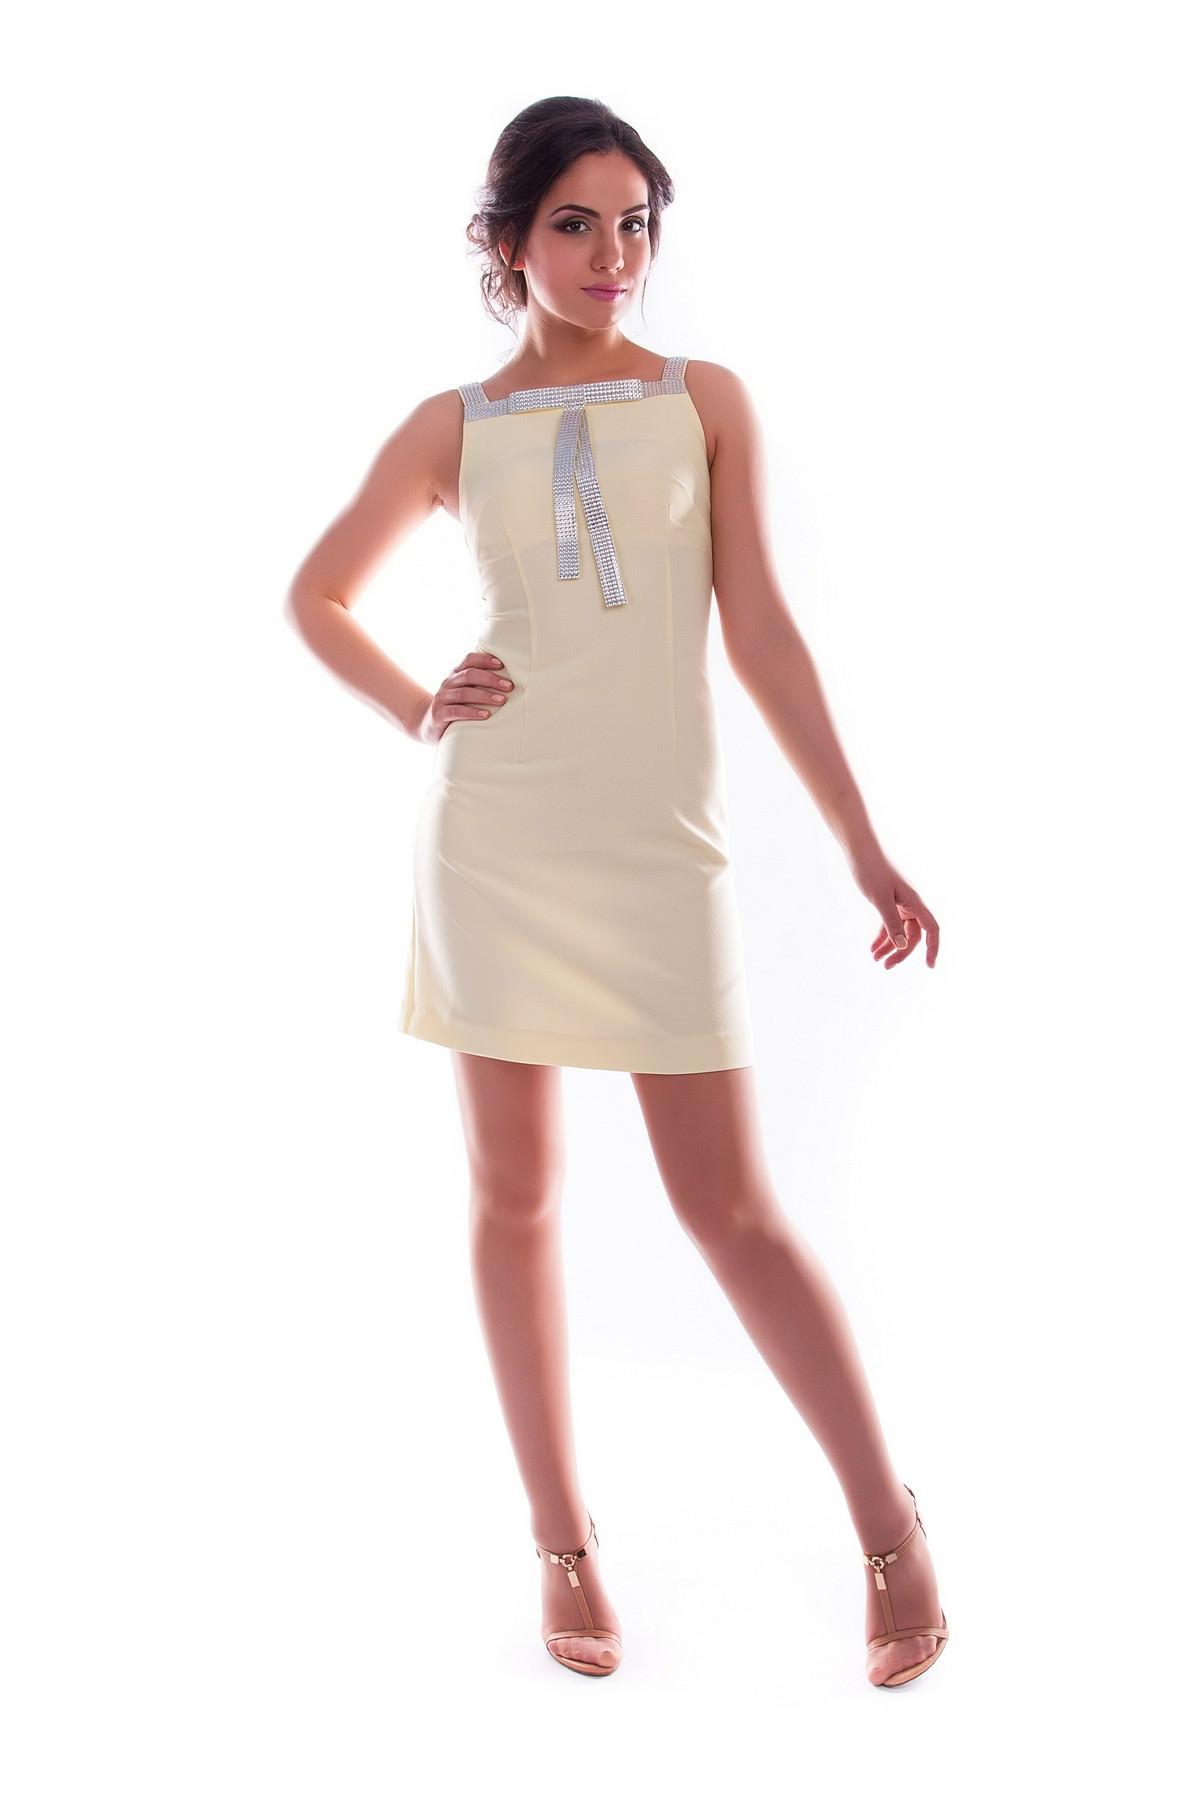 Женская одежда одри интернет магазин